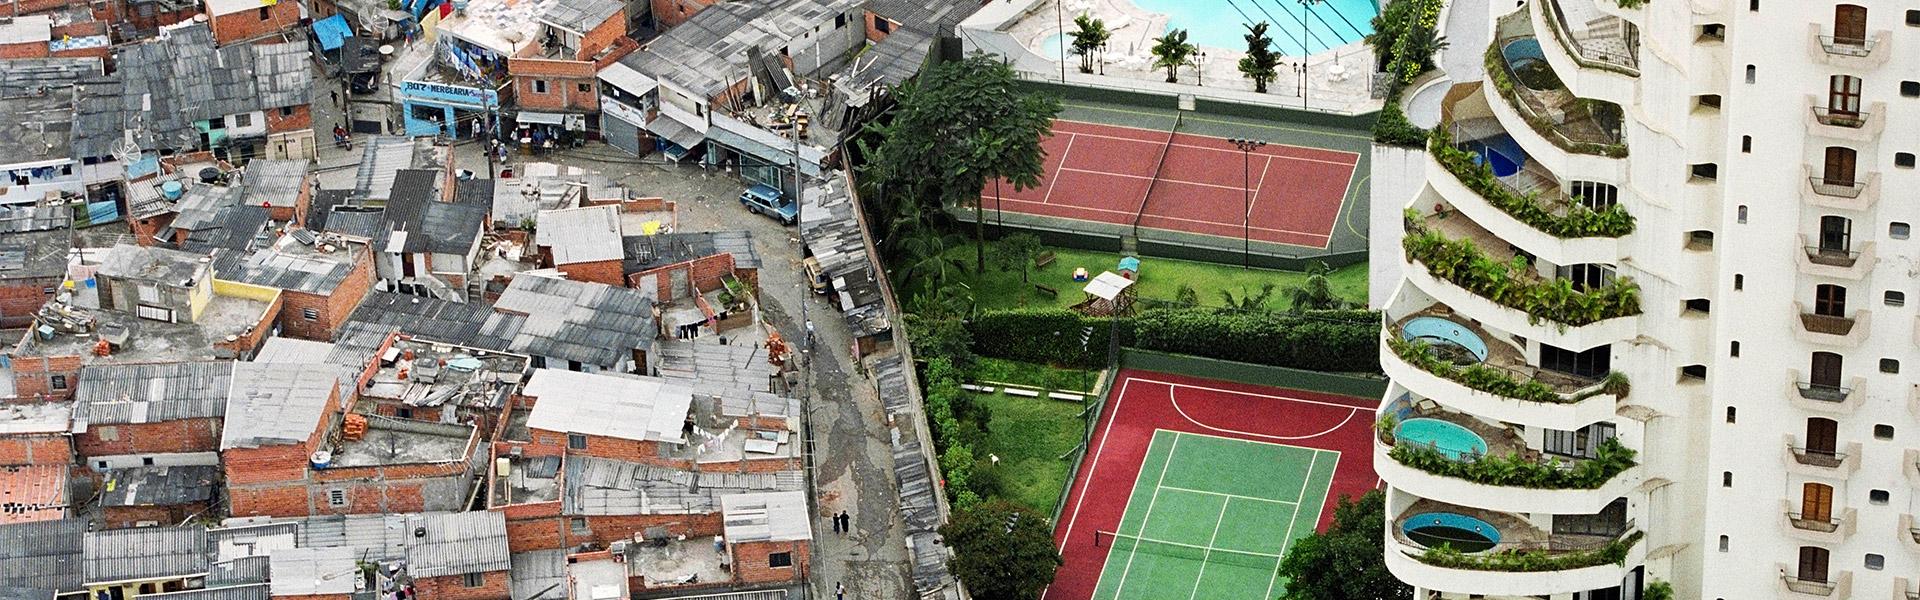 Unequality Scene